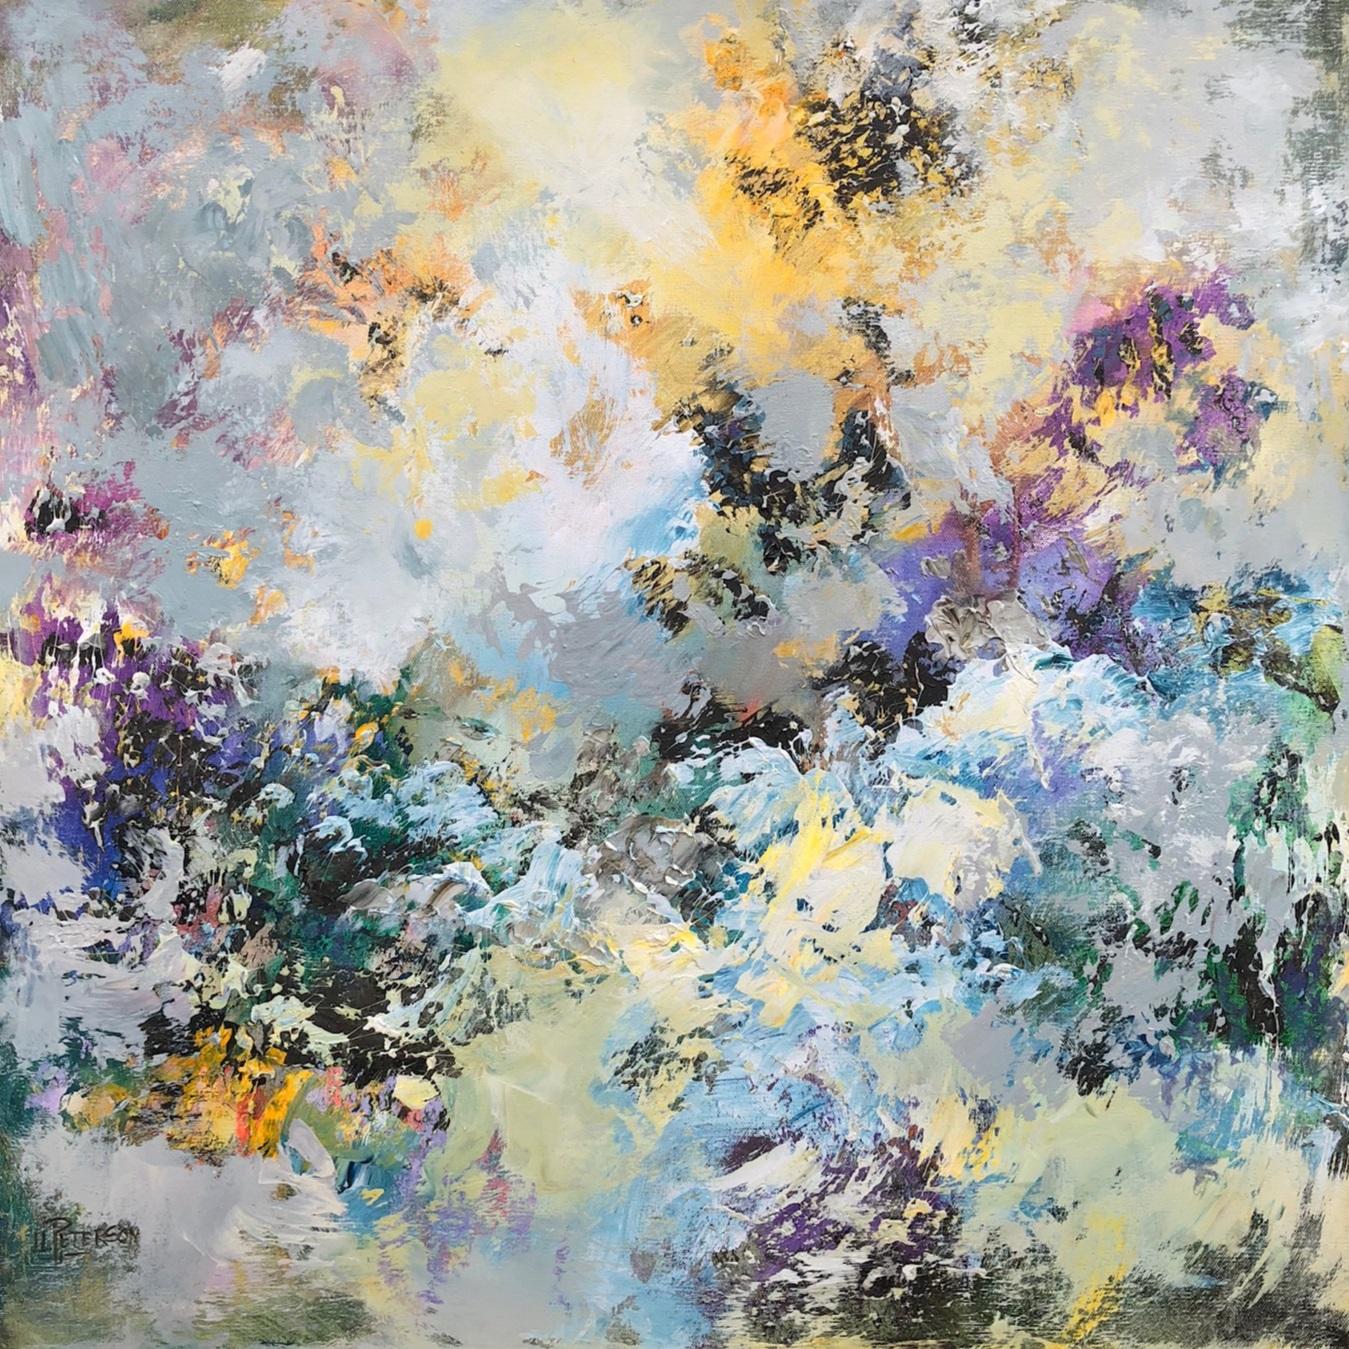 """""""Through the Mists"""" 30x30 Acrylic on Canvas"""